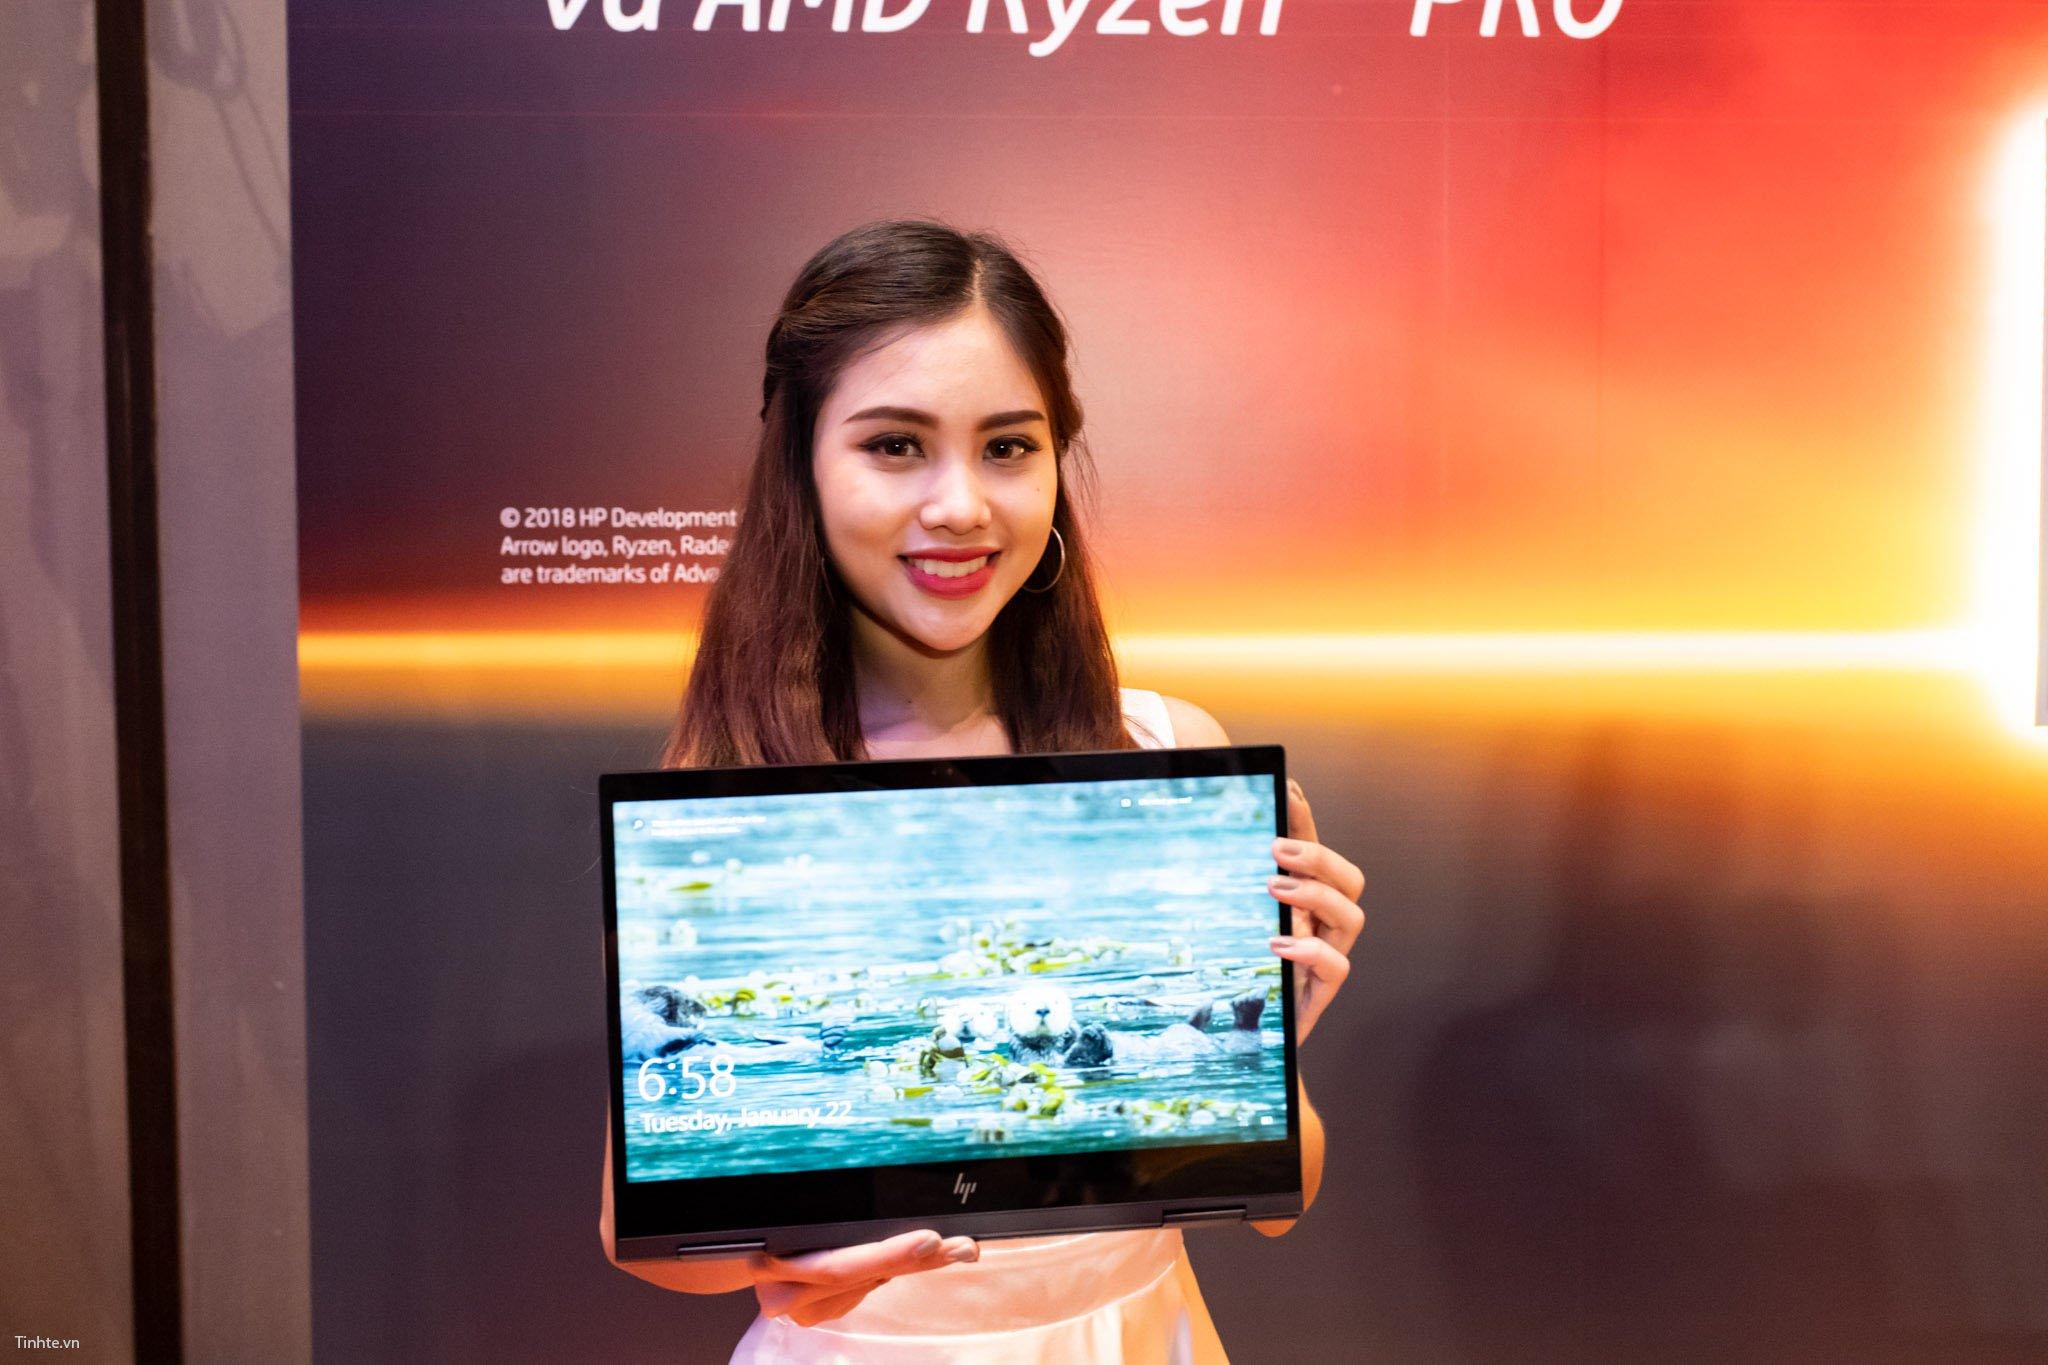 Đang tải Tinhte.vn_HP_Ryzen-13.jpg…